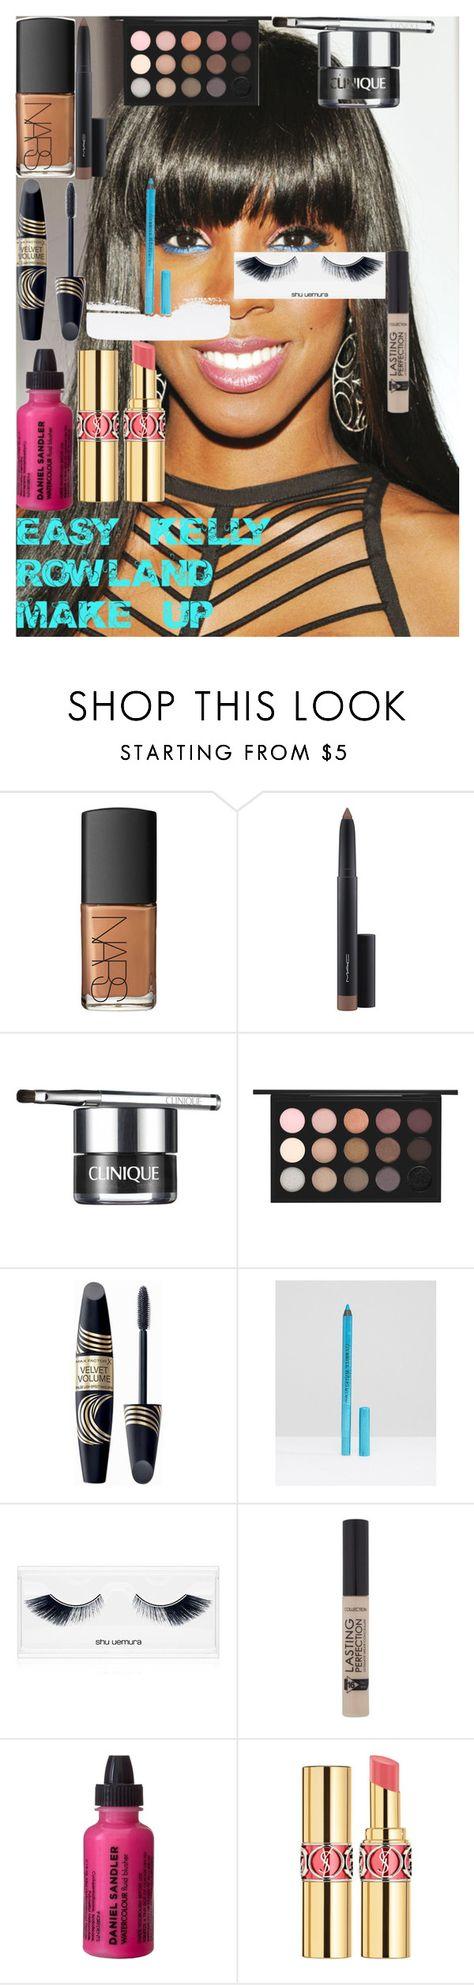 kelly rowland makeup bag